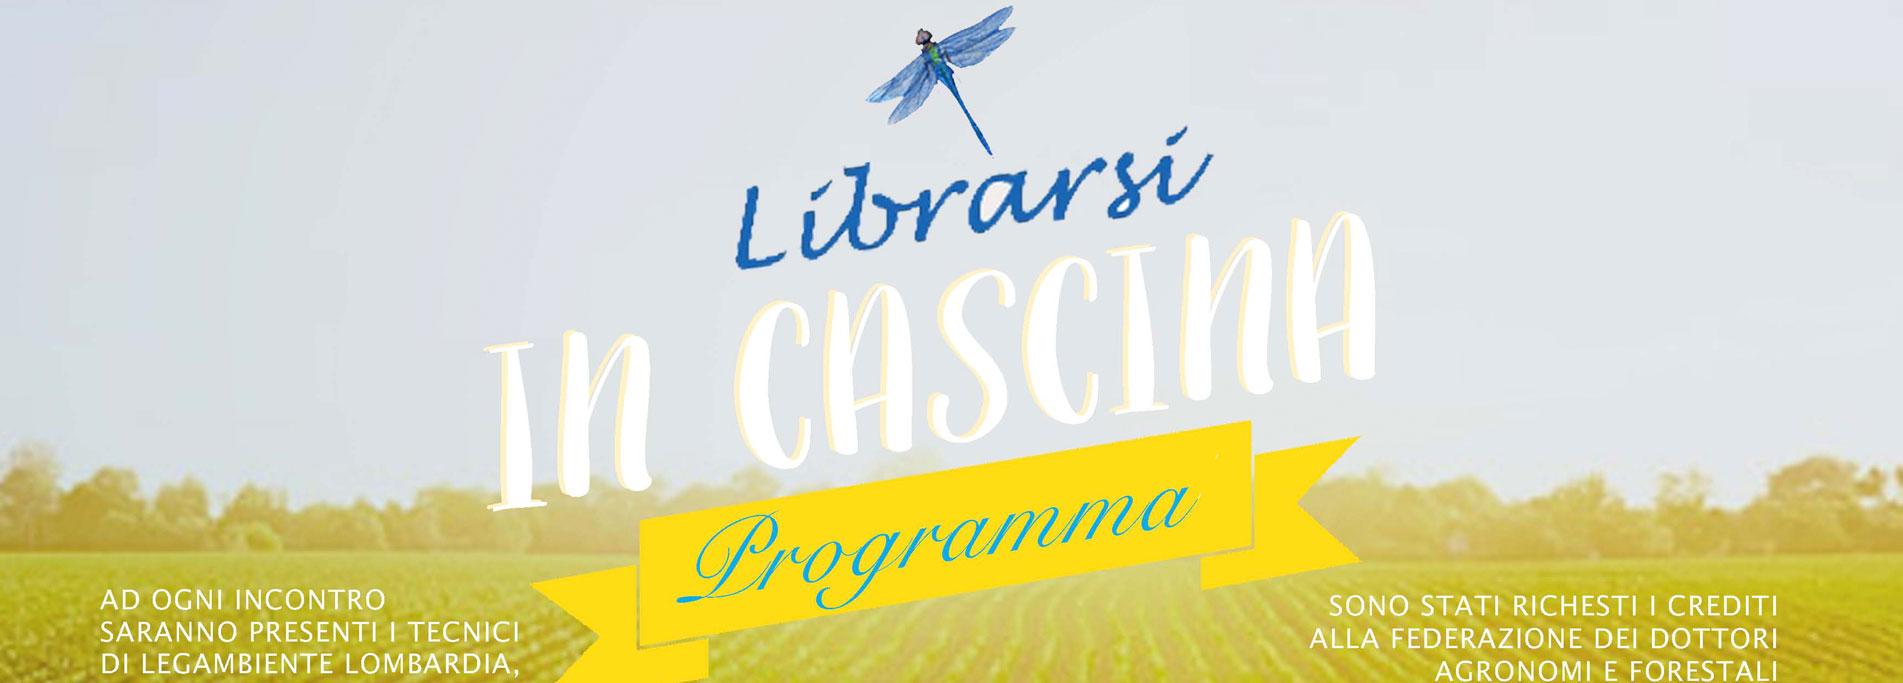 Librarsi in Cascina - Cascina Resta